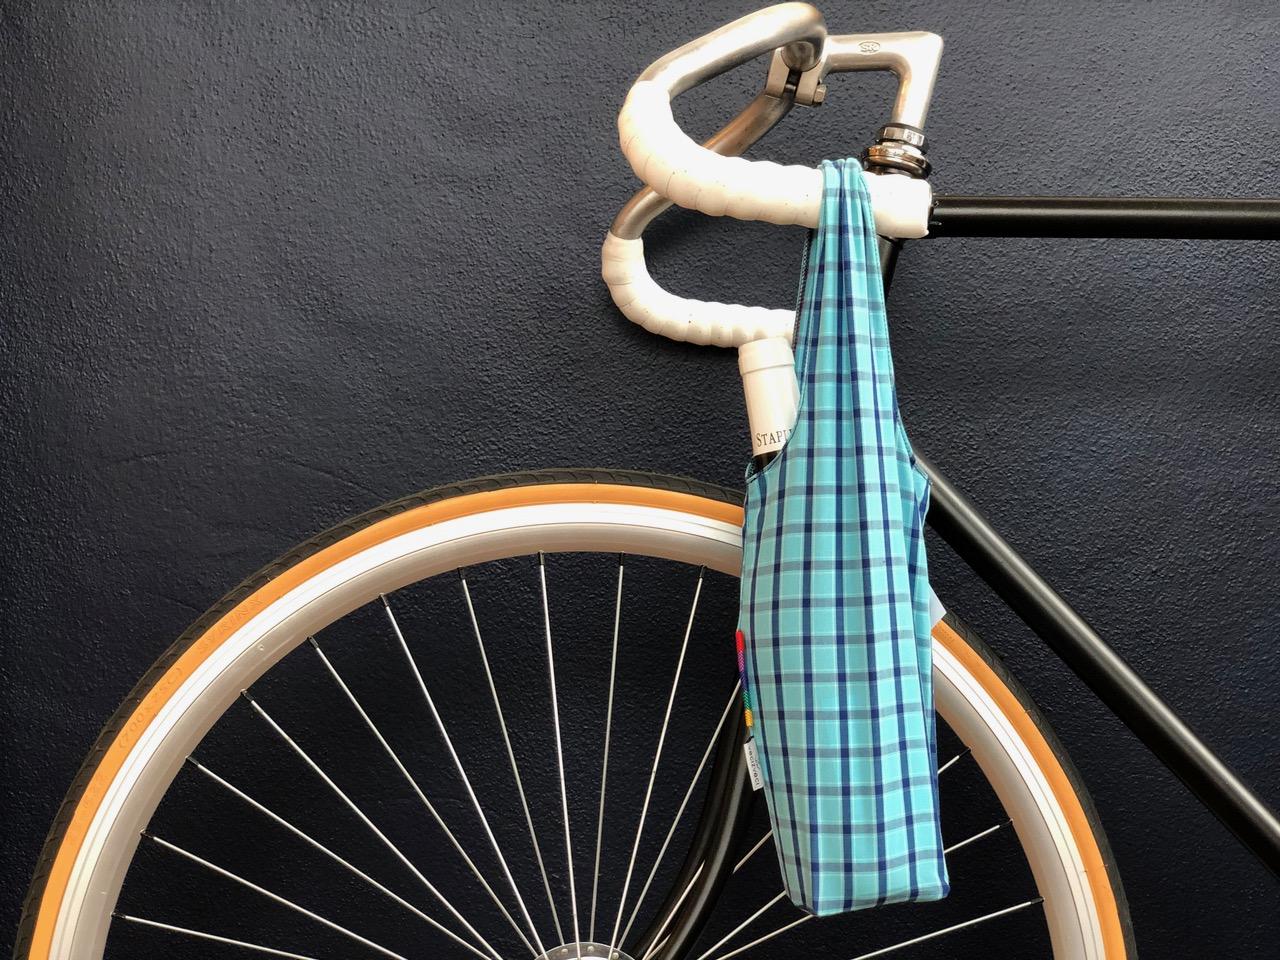 Tvoříme nové věci ze starého oblečení. Nic víc, nic míň. Podporujeme současný trend pokrokového využívání textilií a vyrábíme tašky, batohy nebo trička z up-cyklovaných látek.